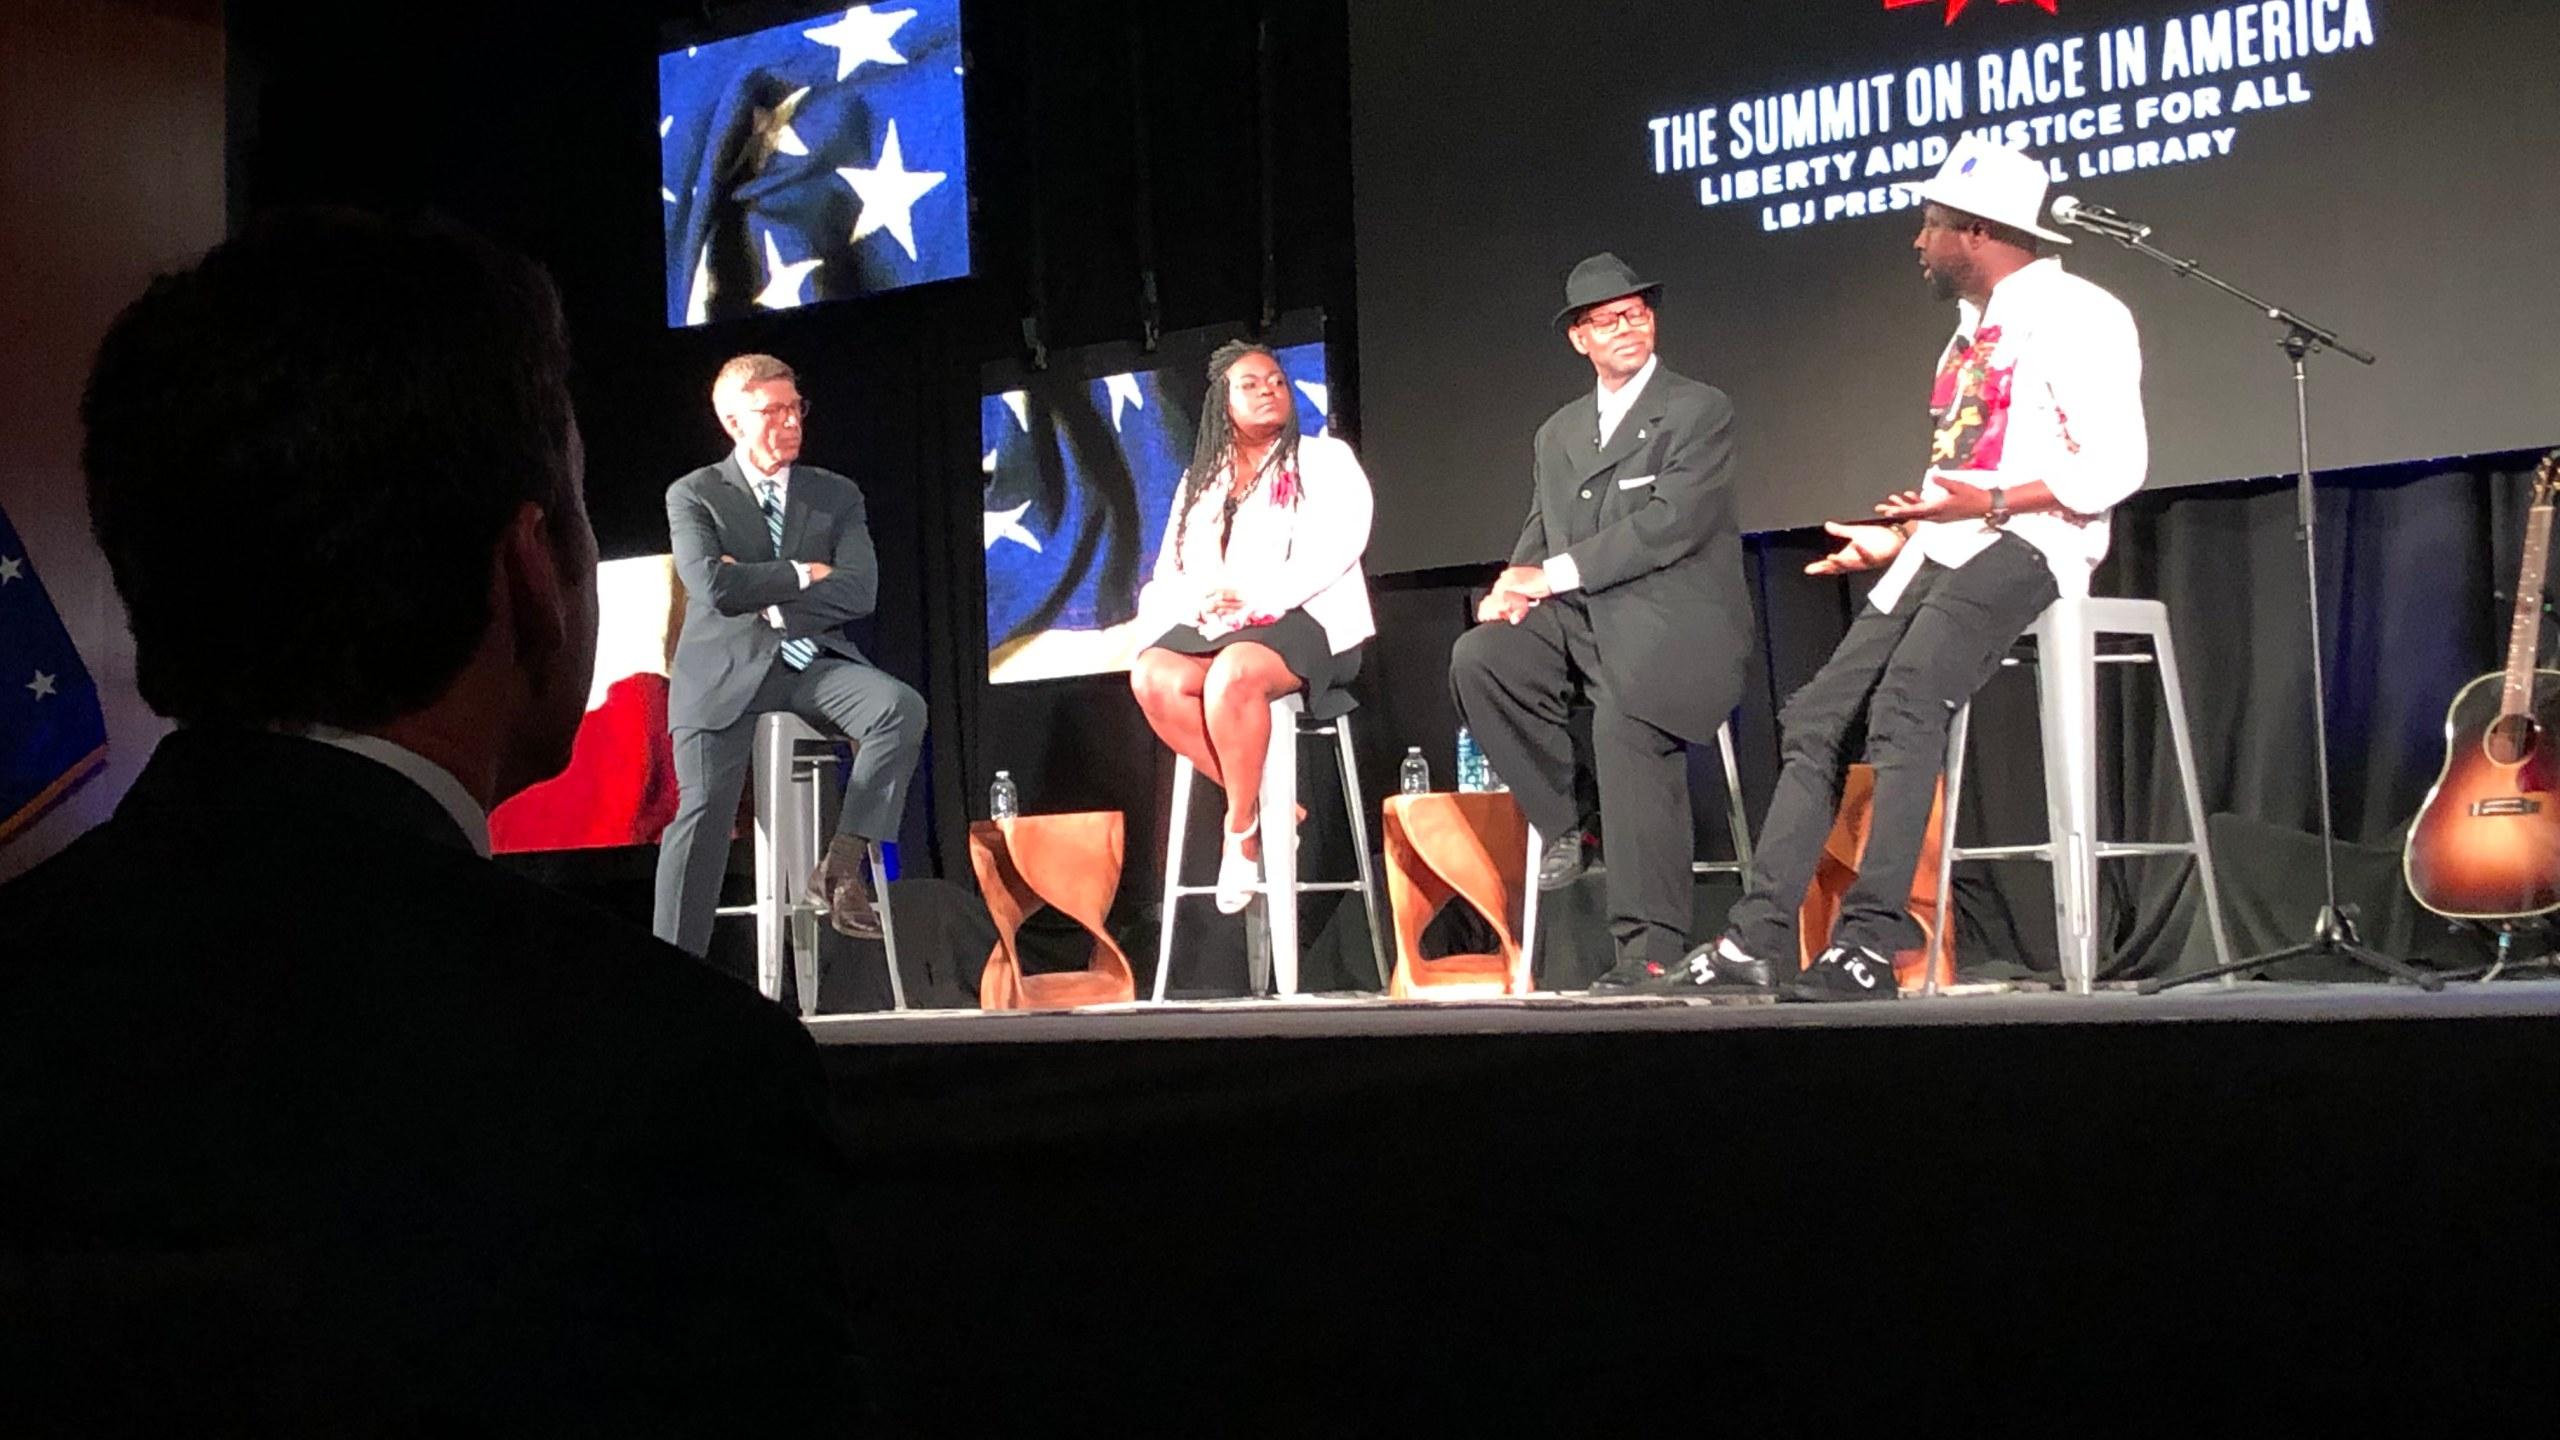 LBJ Summit on Race music panel